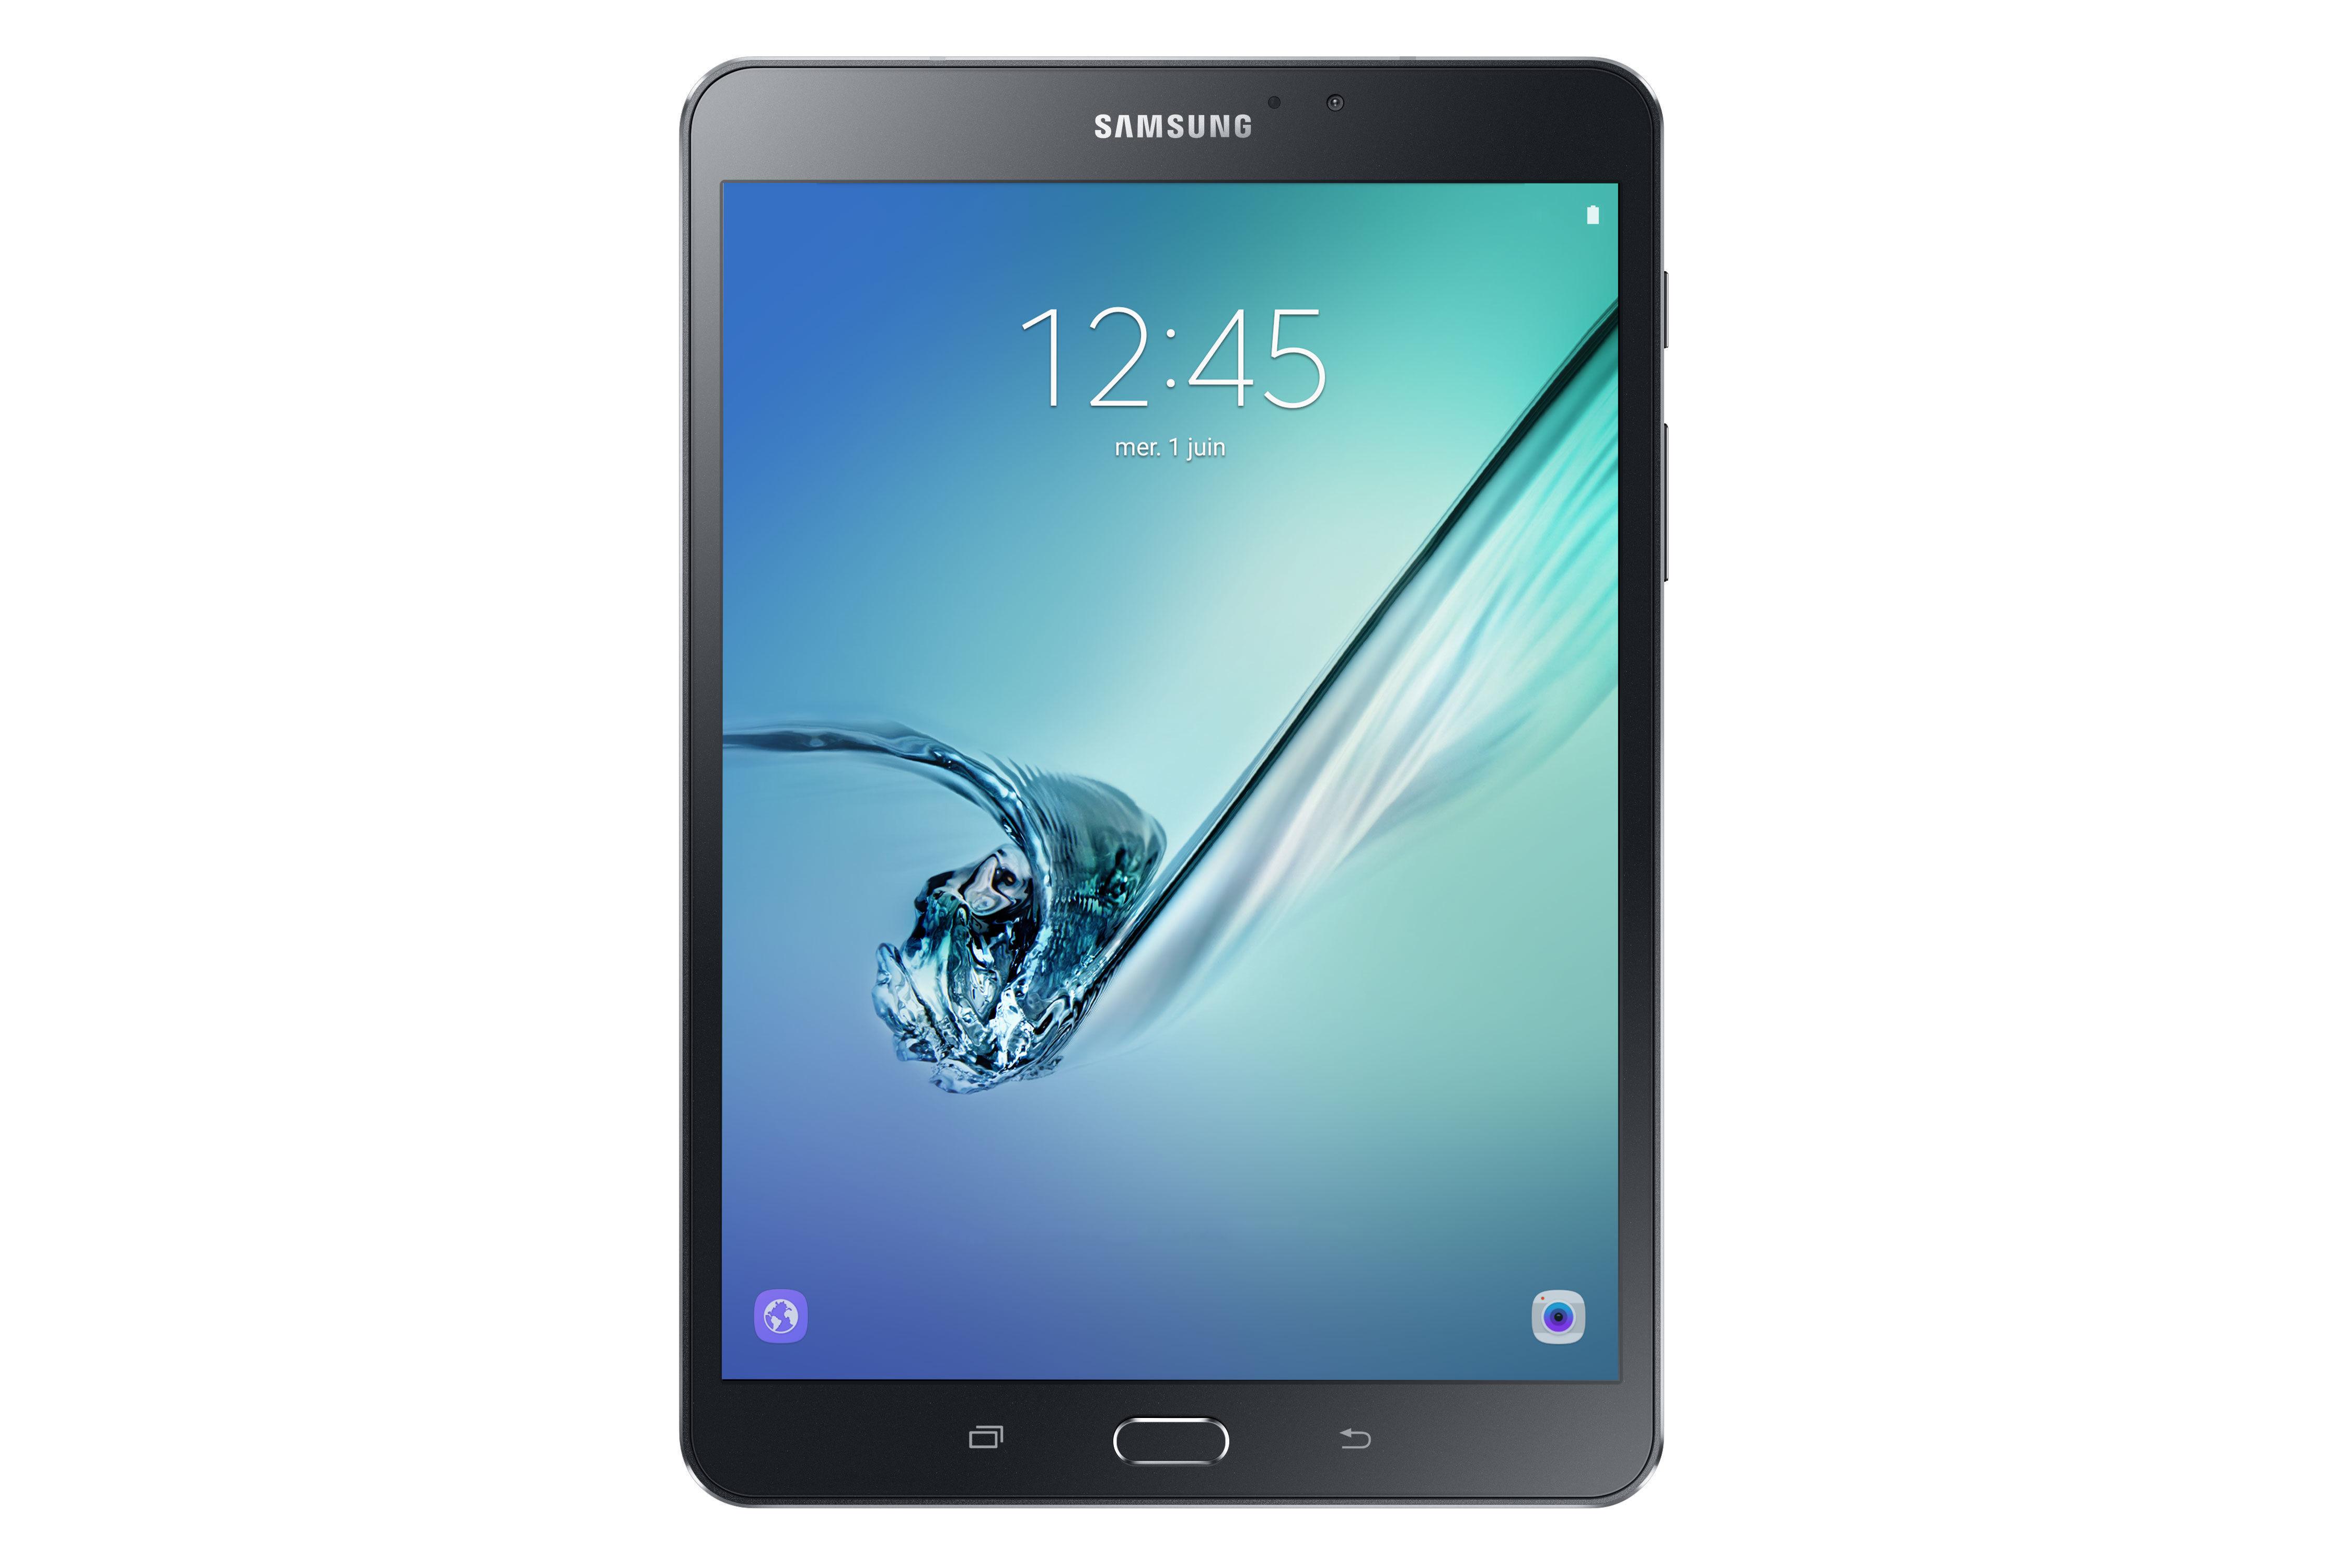 Galaxy Tab S2 VE - WiFi - Noir